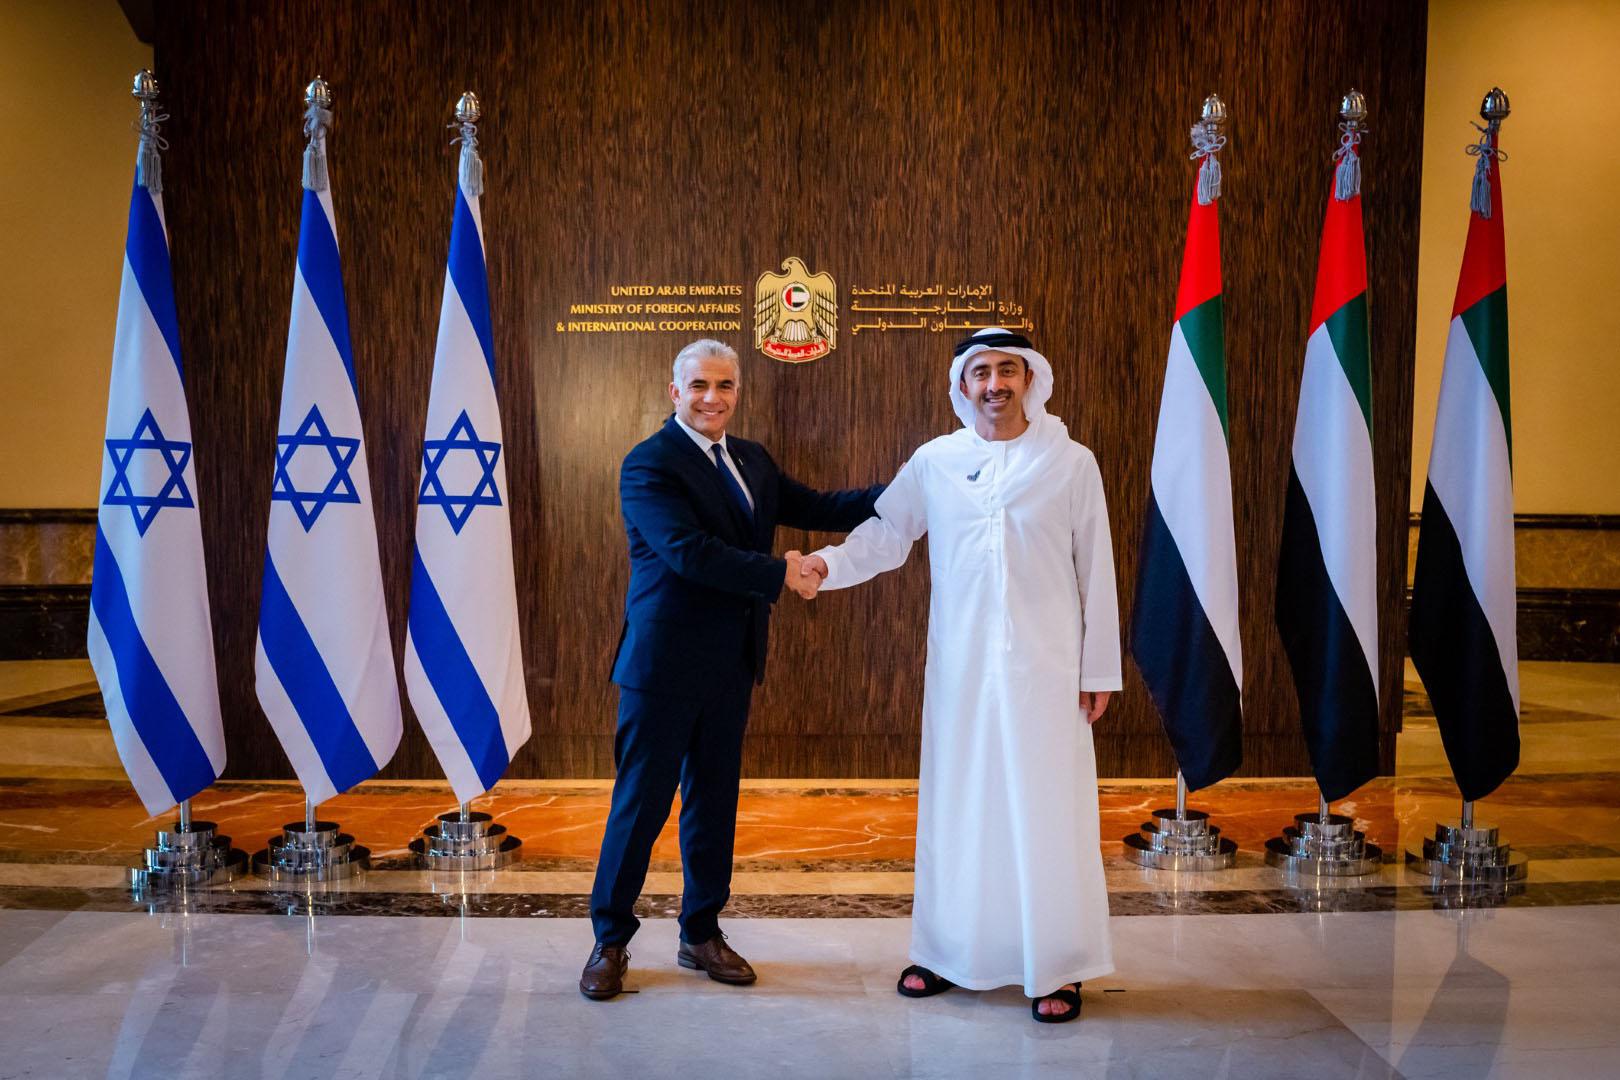 عبدالله بن زايد يستقبل وزير خارجية إسرائيل في أول زيارة رسمية للدولة